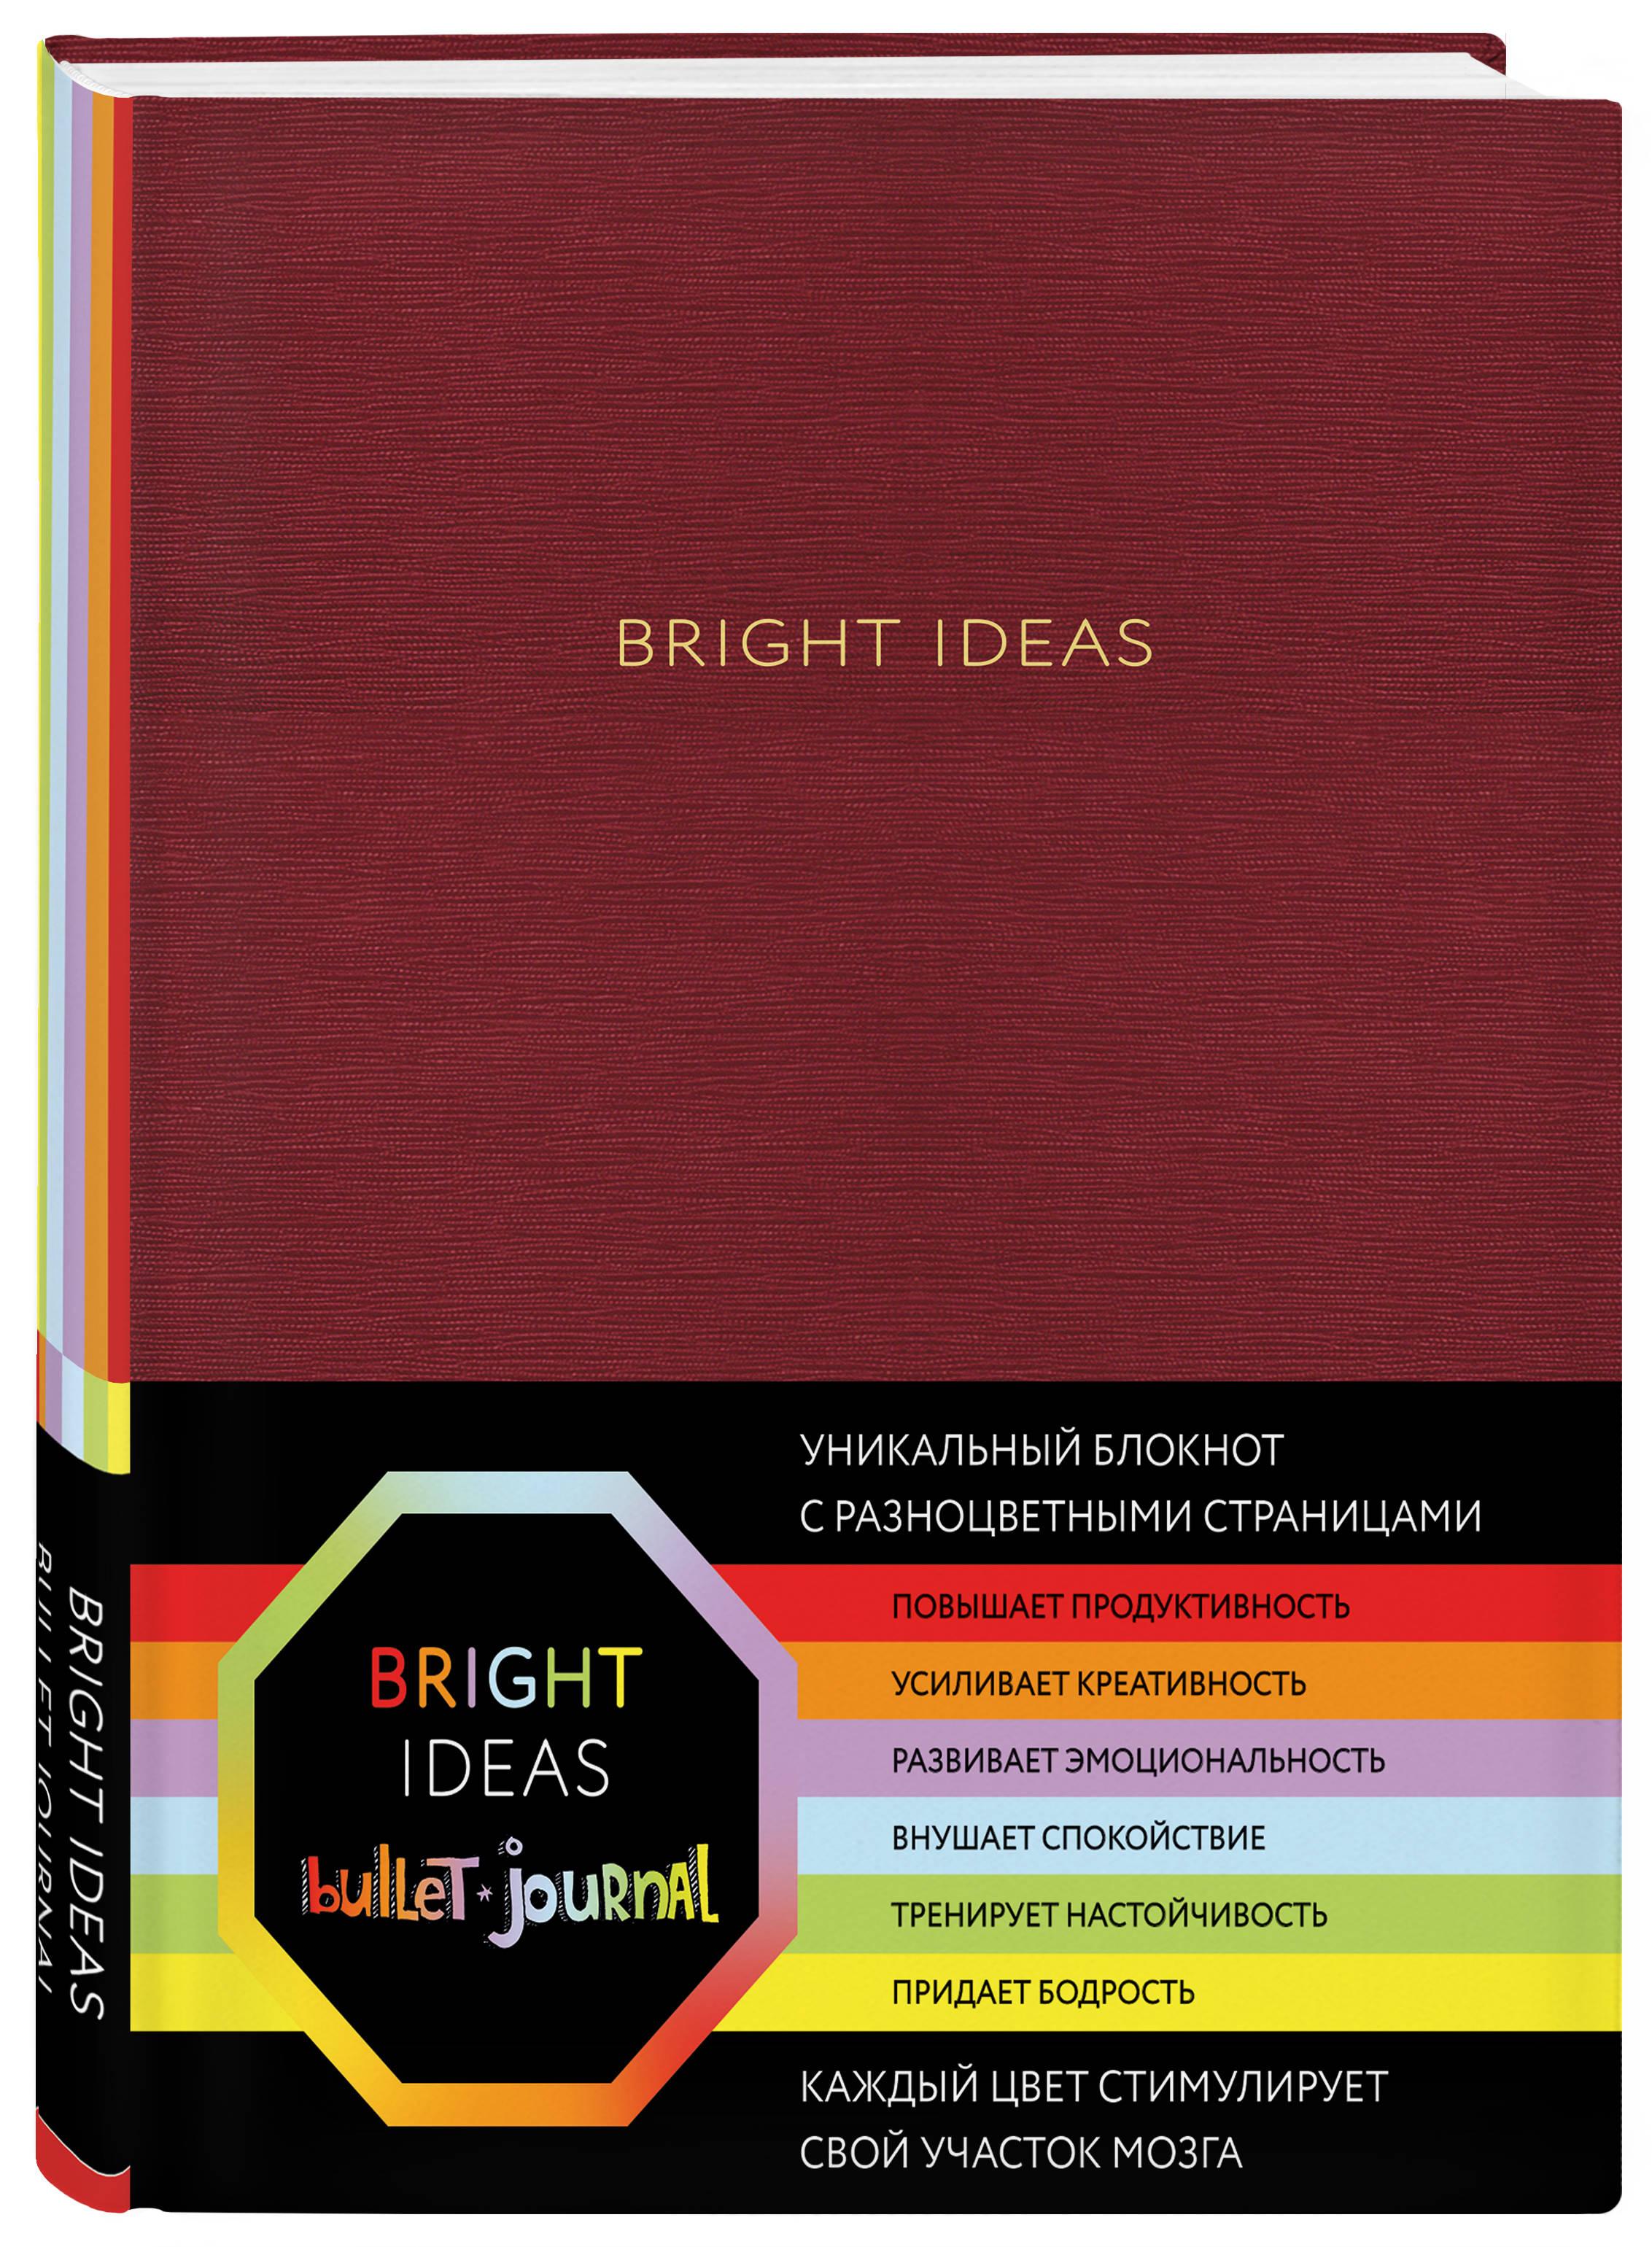 Bright Ideas new bright